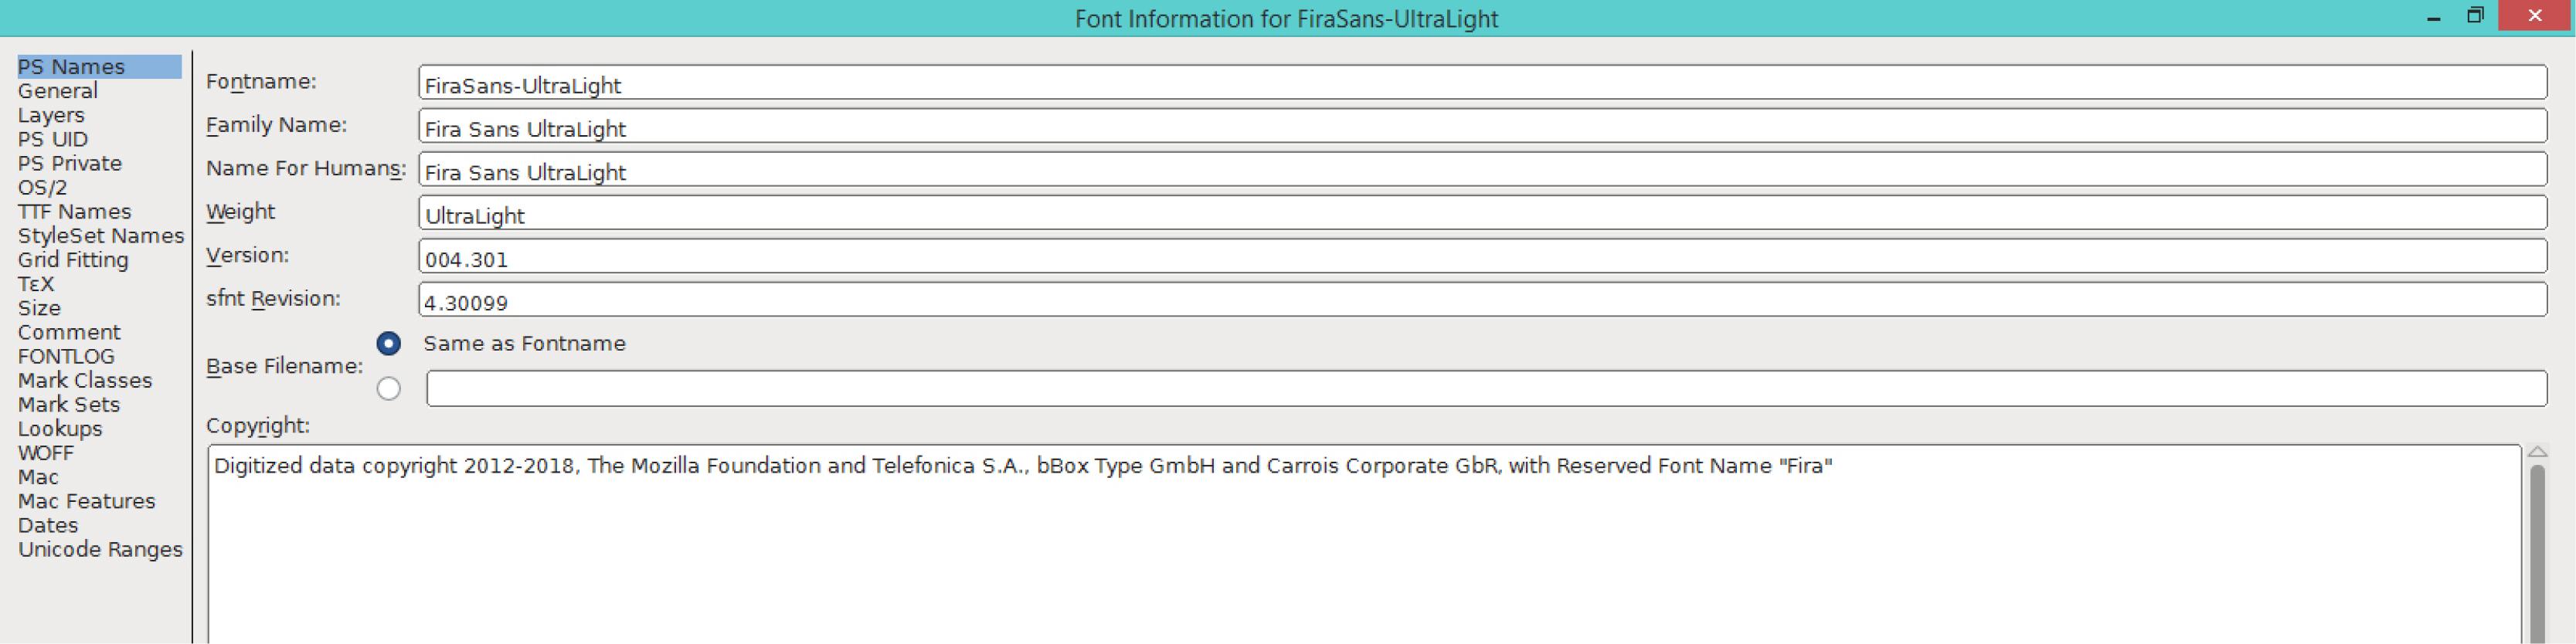 Fira Sans UltraLight (PS)